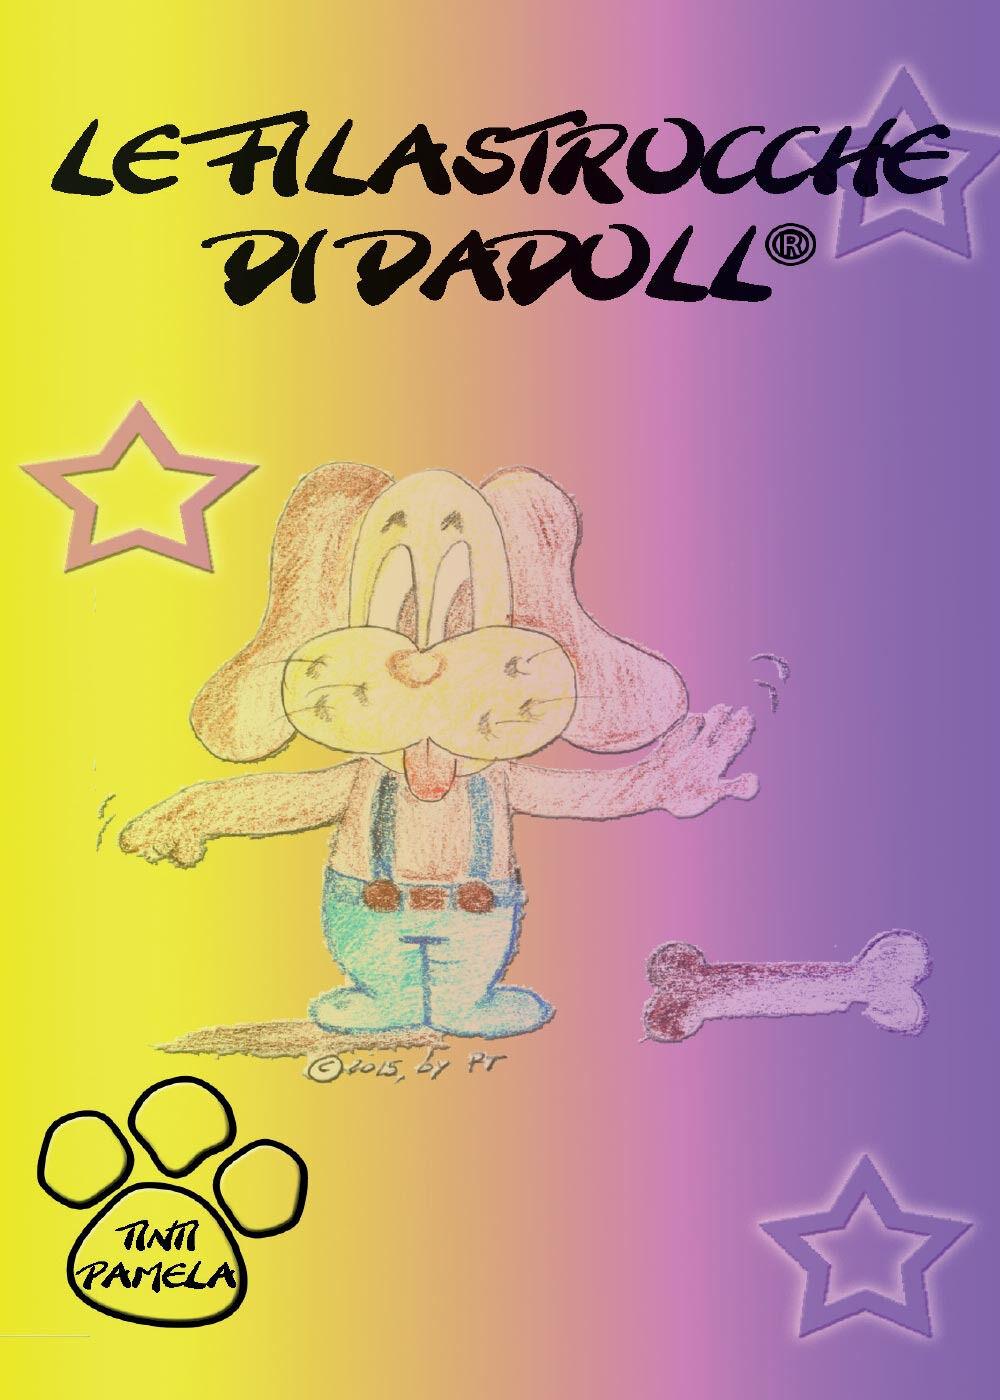 Le filastrocche di Dadoll